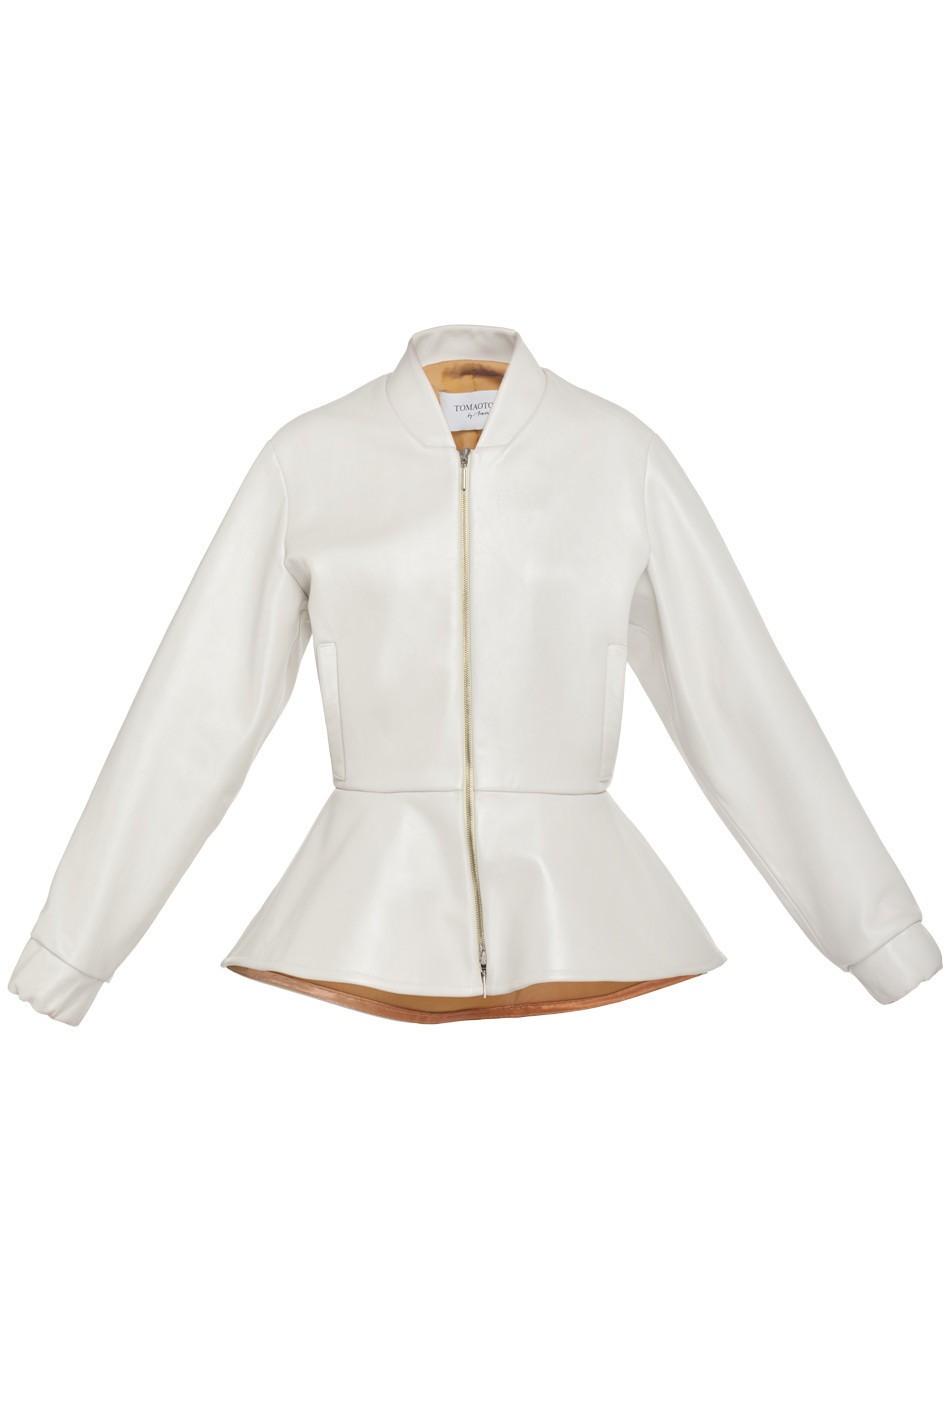 Aktualne Biała skórzana kurtka z baskinką VERONIQUE - TOMAOTOMO LC71